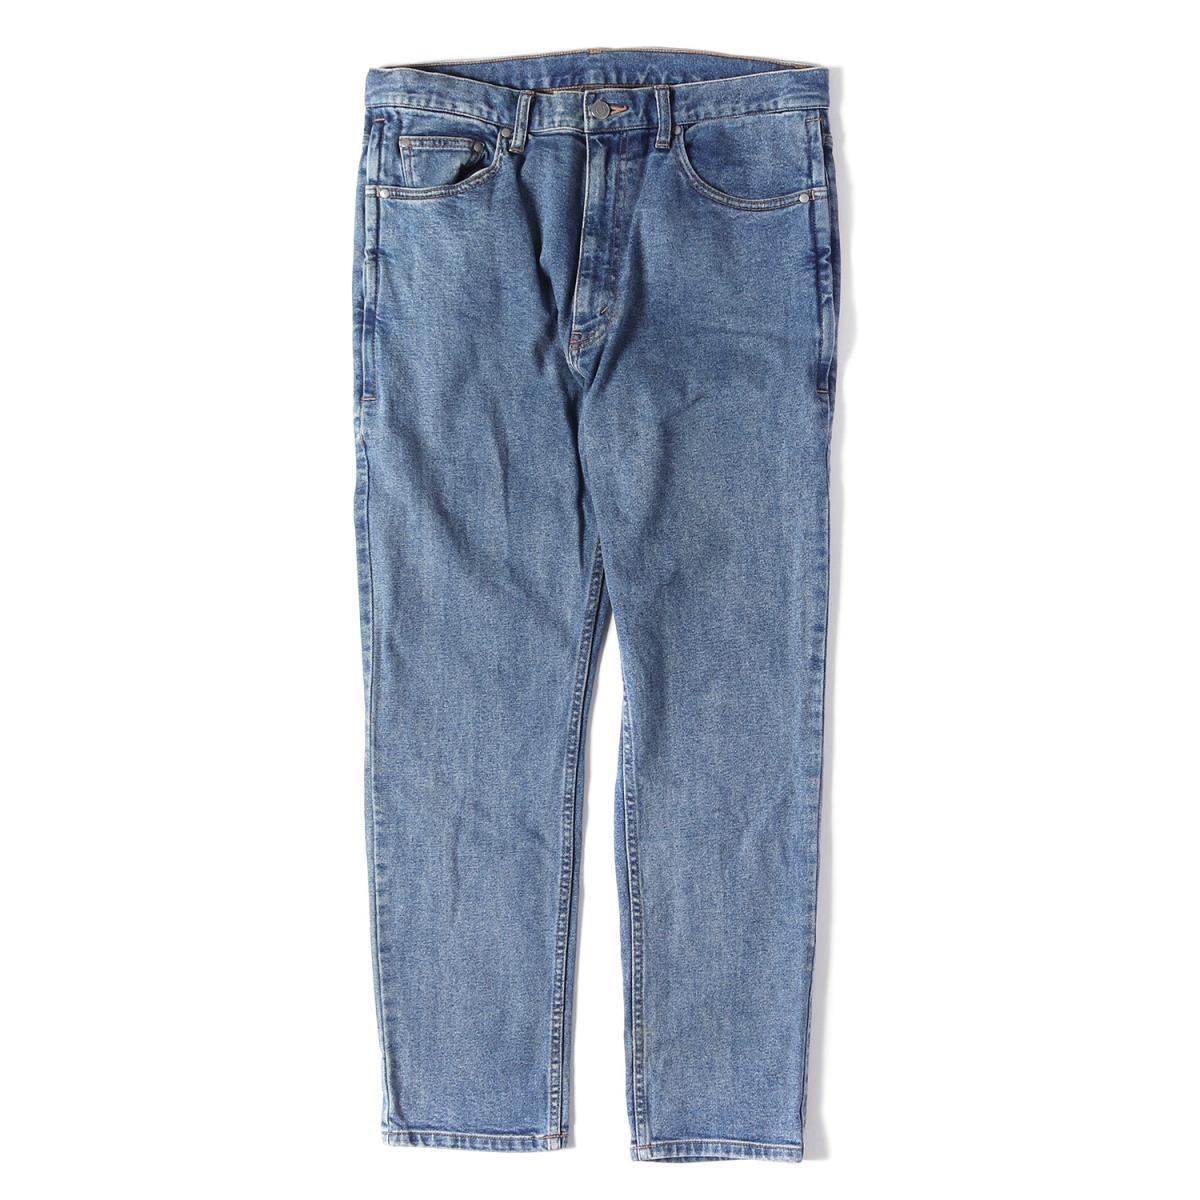 BEAMS (ビームス) 17S/S 7ポケットストレッチジッパーフライデニムパンツ(Cool slim 7 pants) インディゴ L 【中古】【メンズ】【K2573】【あす楽☆対応可】